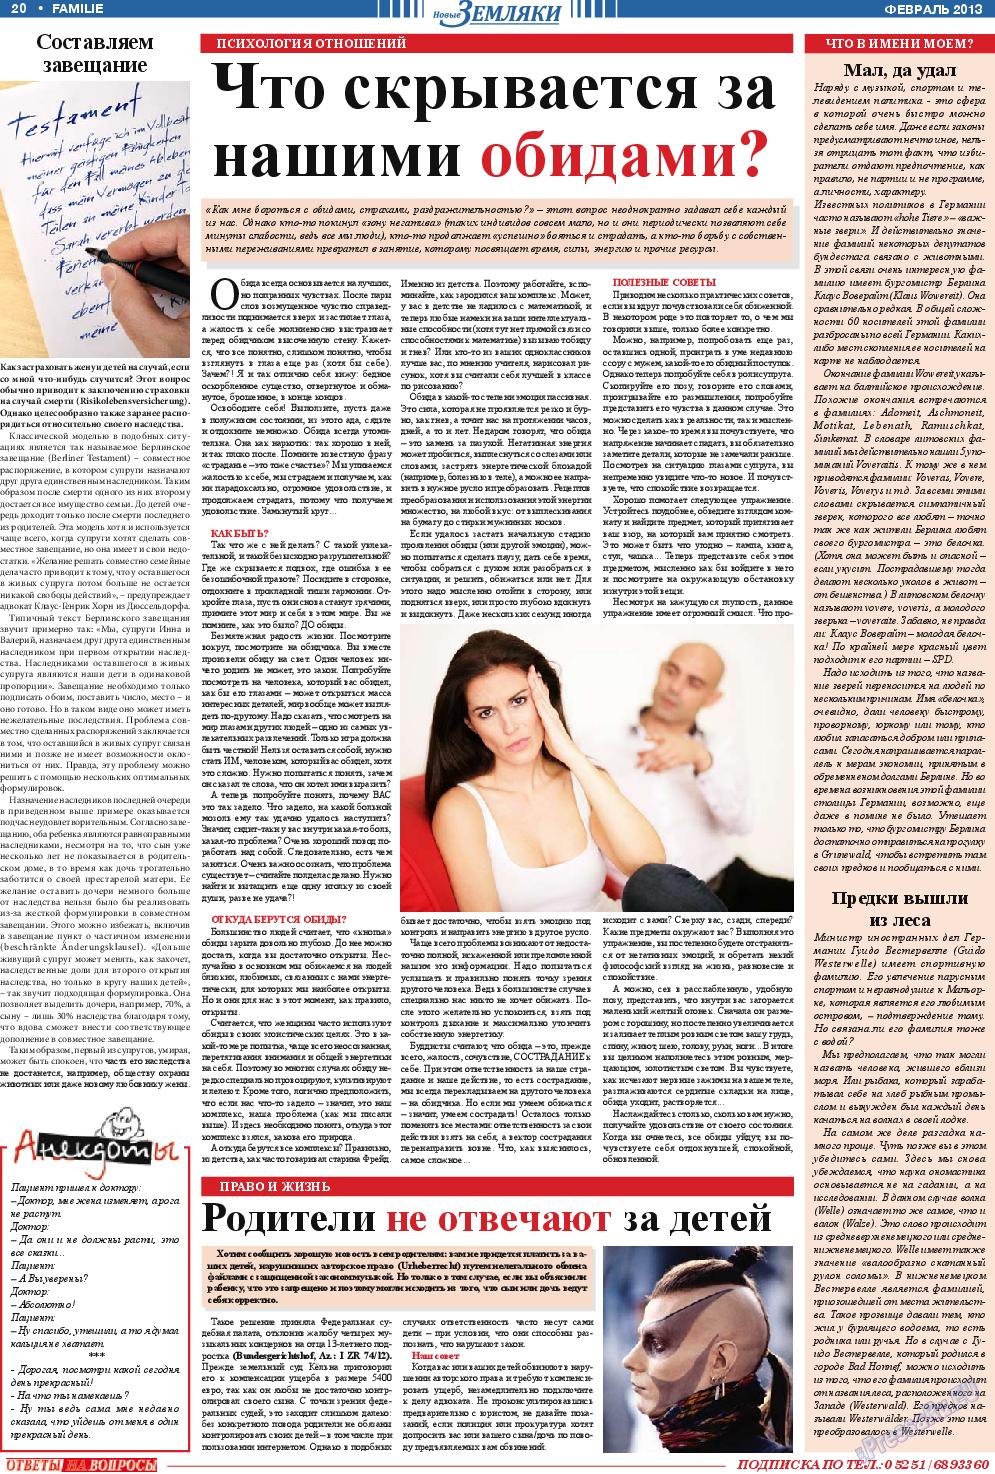 Новые Земляки (газета). 2013 год, номер 2, стр. 20